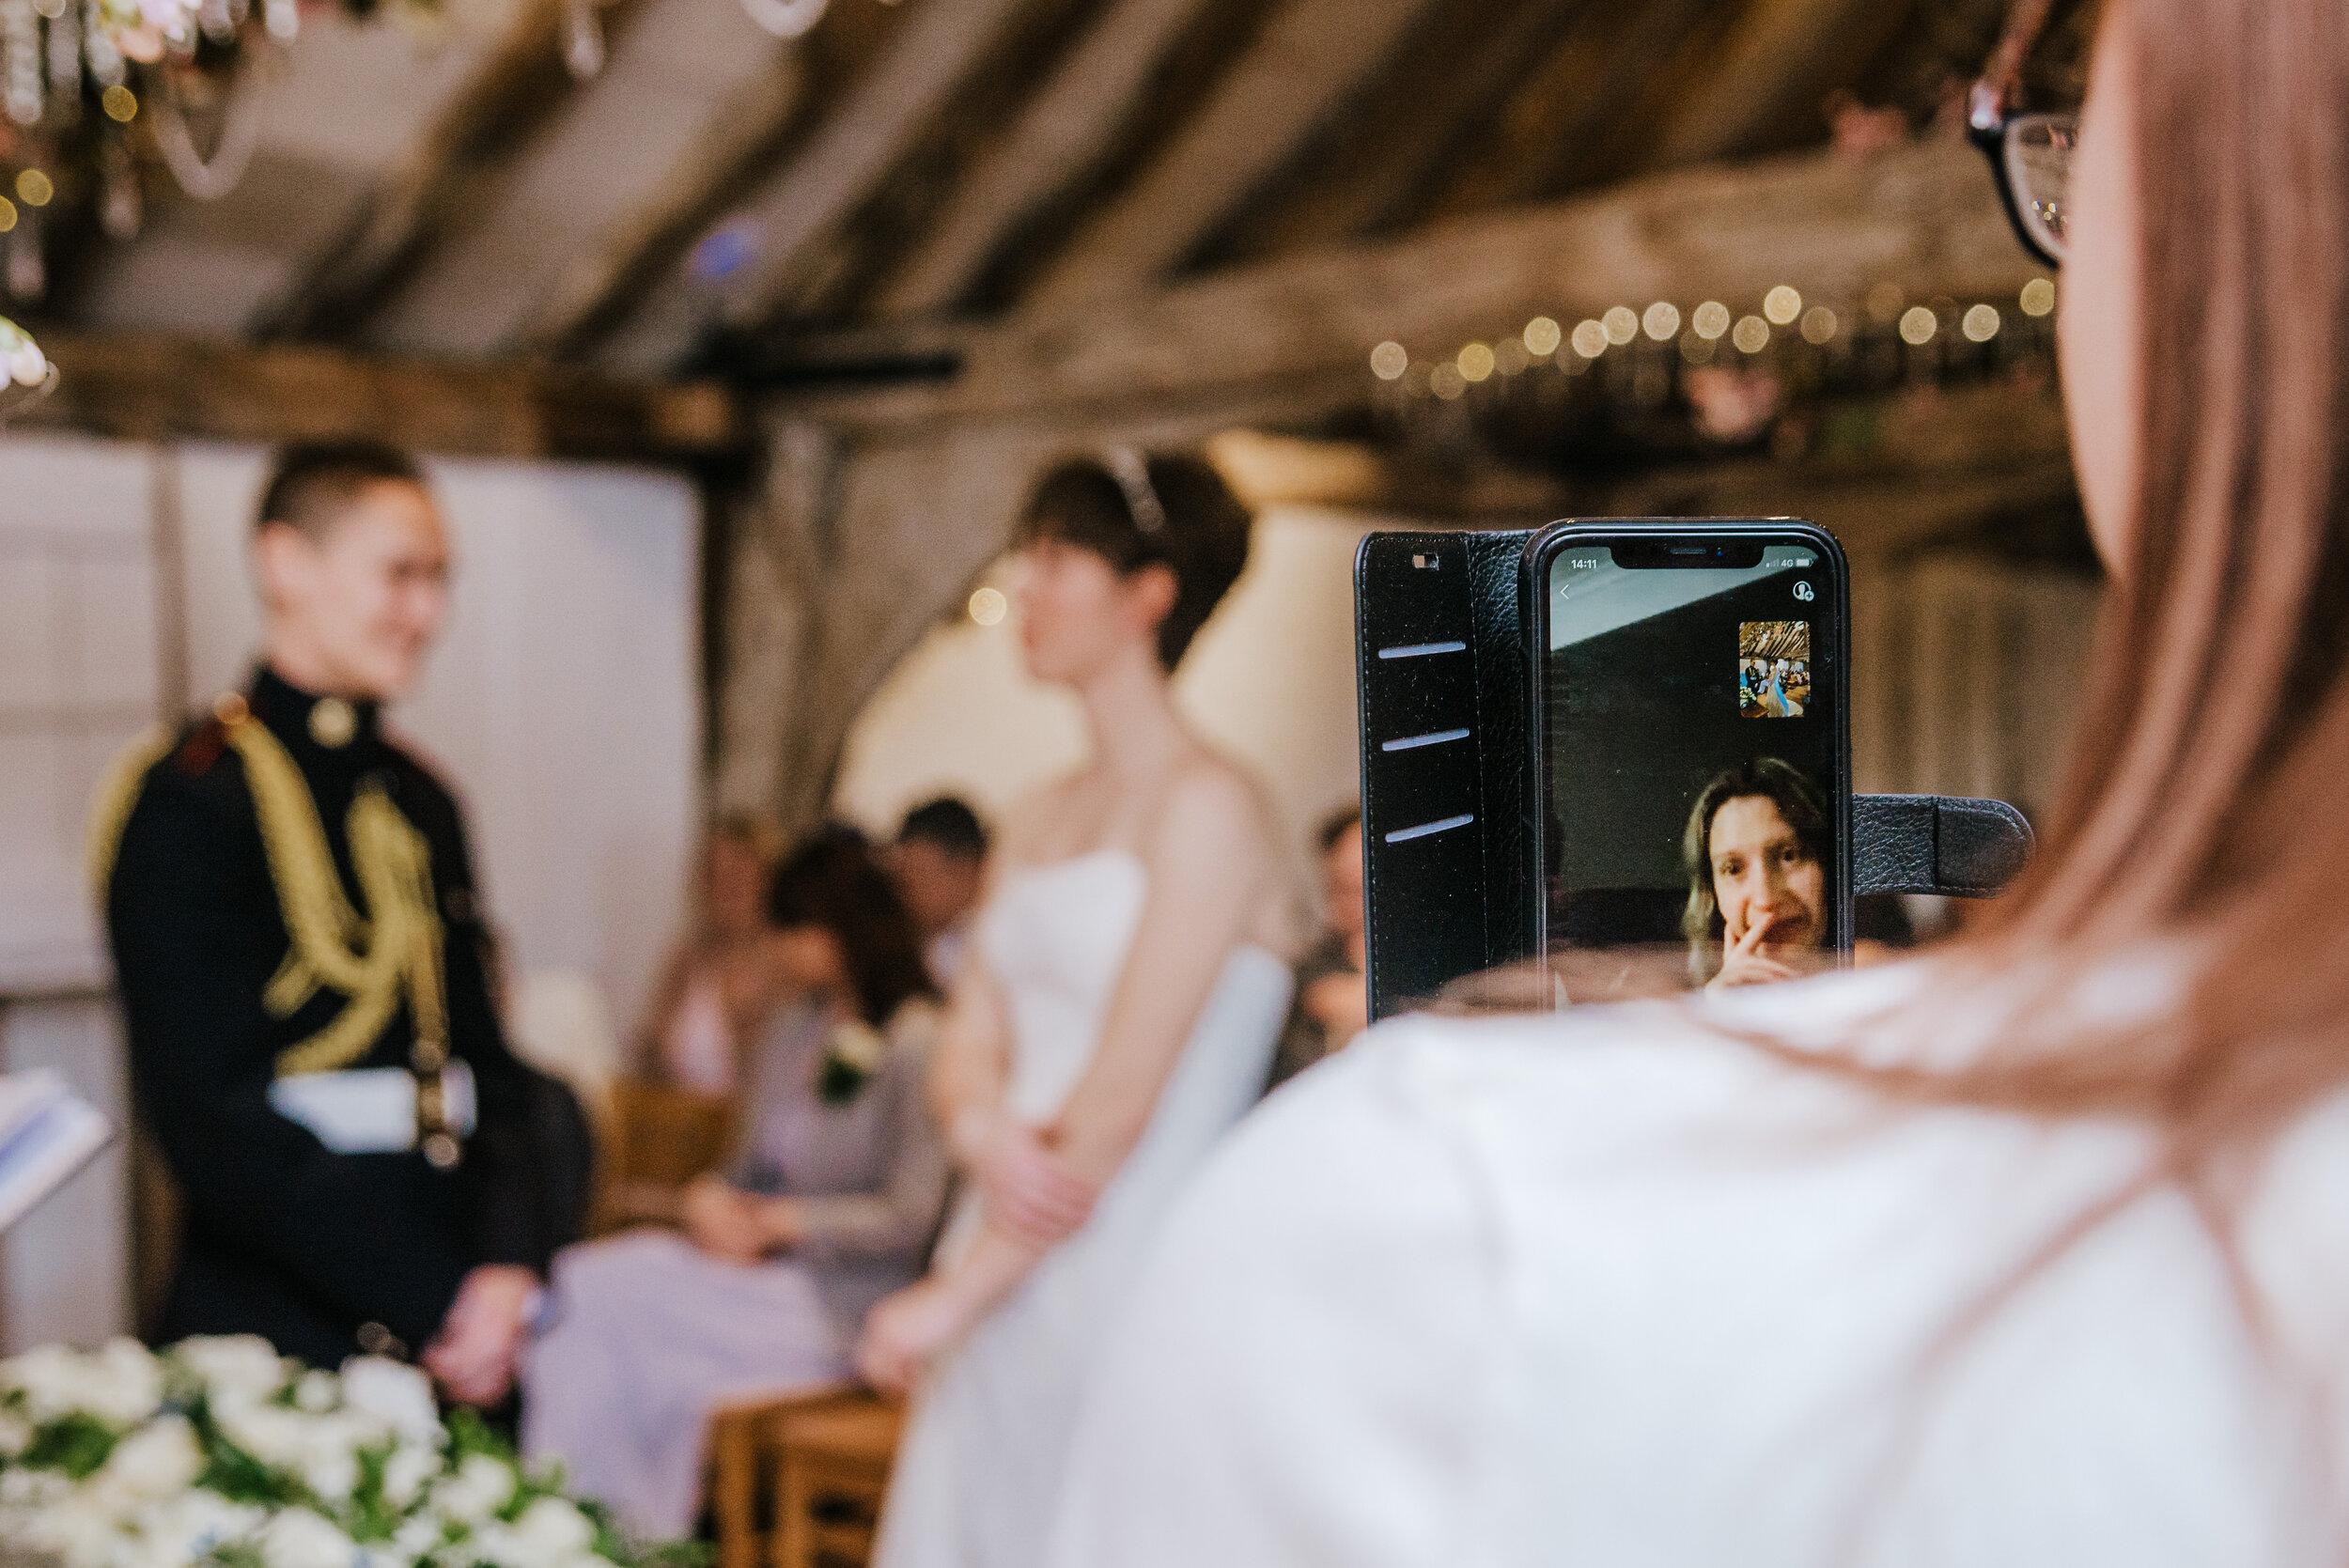 SUFFOLK_WEDDING_PHOTOGRAPHY_ISAACS_WEDDING_VENUE_WEDDINGPHOTOGRAPHERNEARME_iPSWICHWEDDINGPHOTOGRAPHER (38).jpg